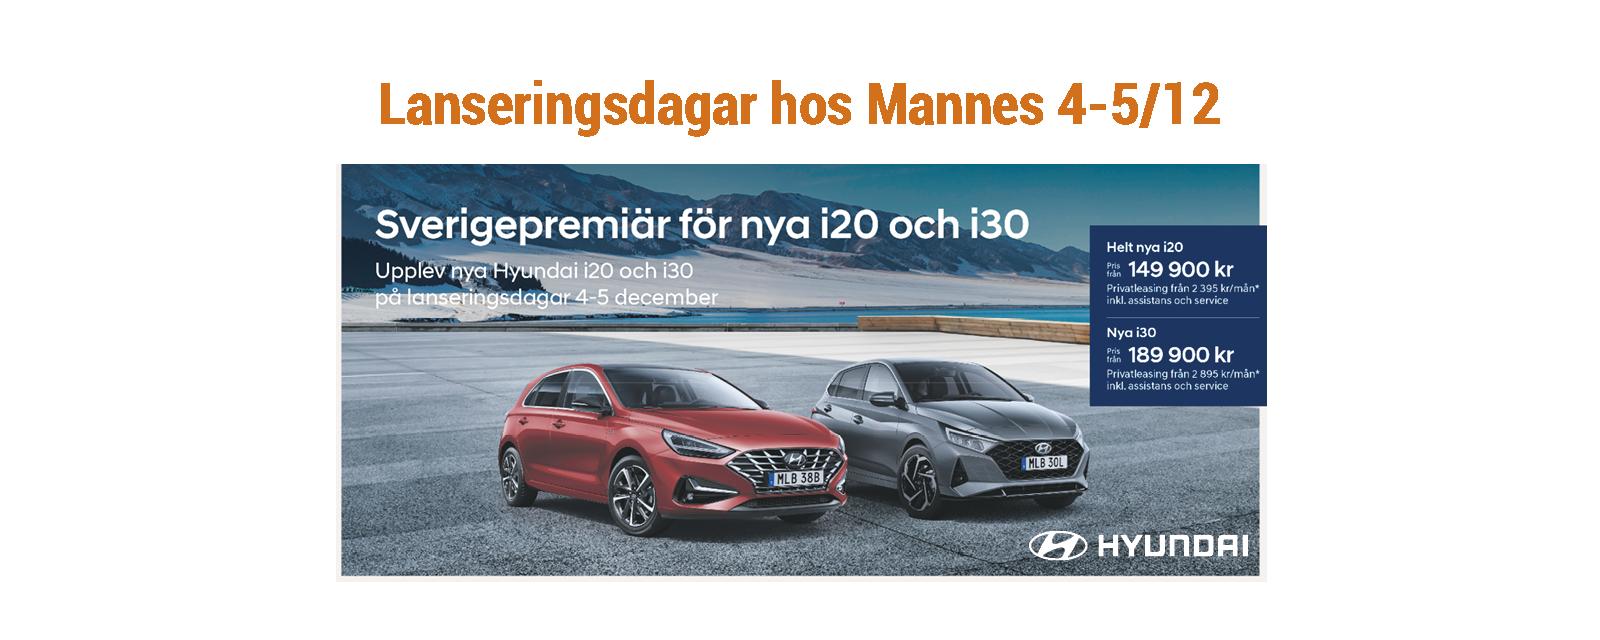 Lanseringsdagar Hyundai hos Mannes 4 och 5 december